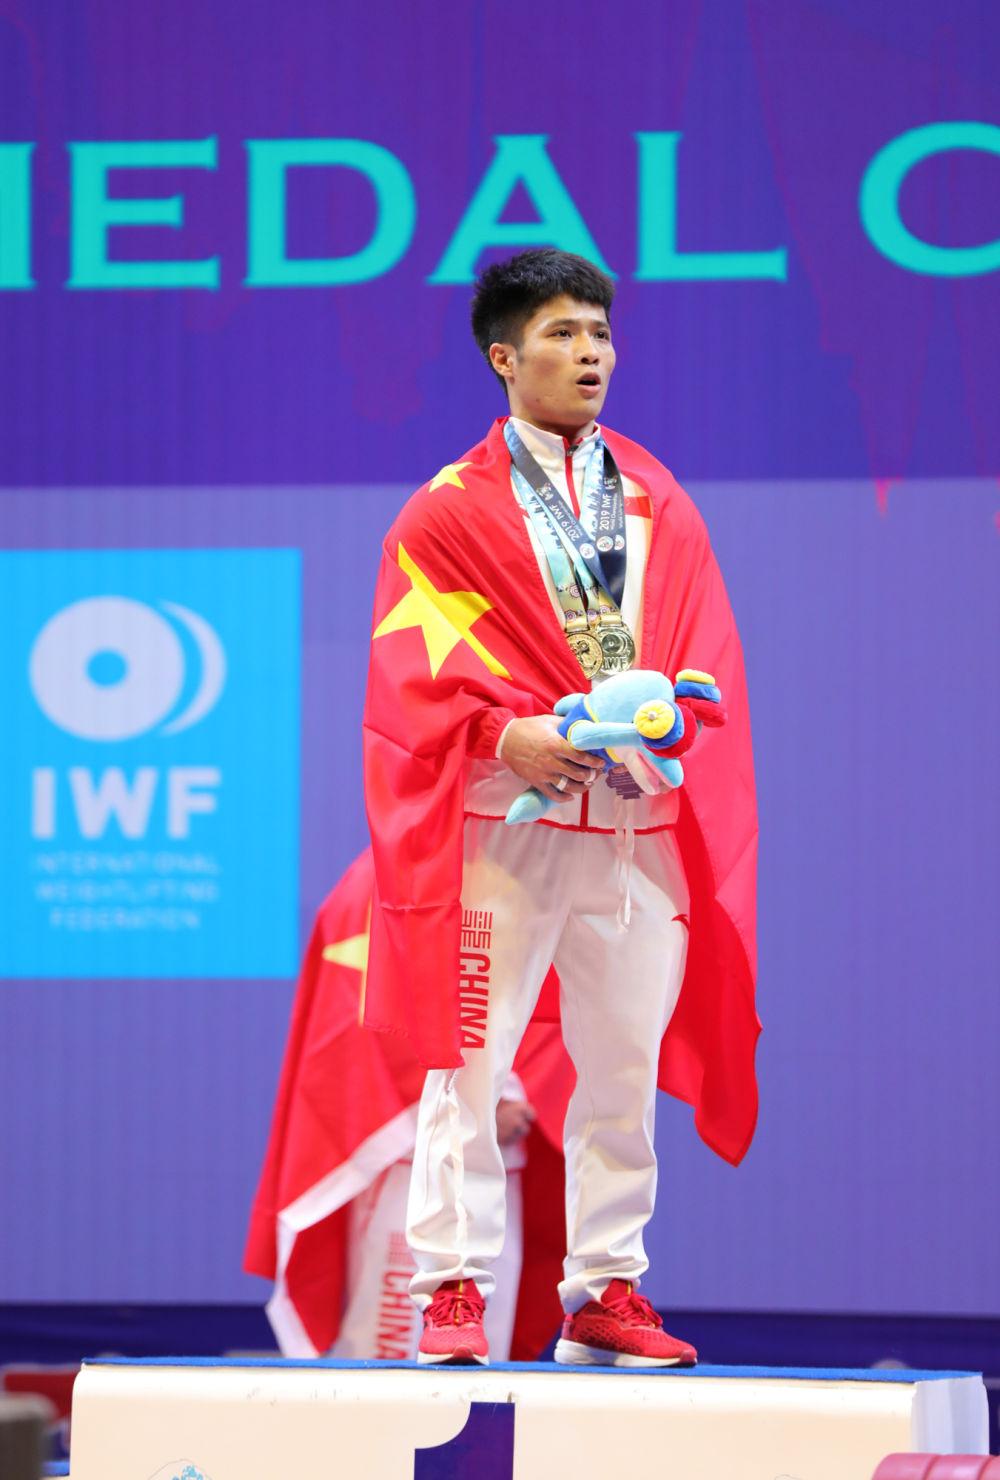 李发彬破纪录夺金事件详情,李发彬总成绩318公斤包揽3项冠军